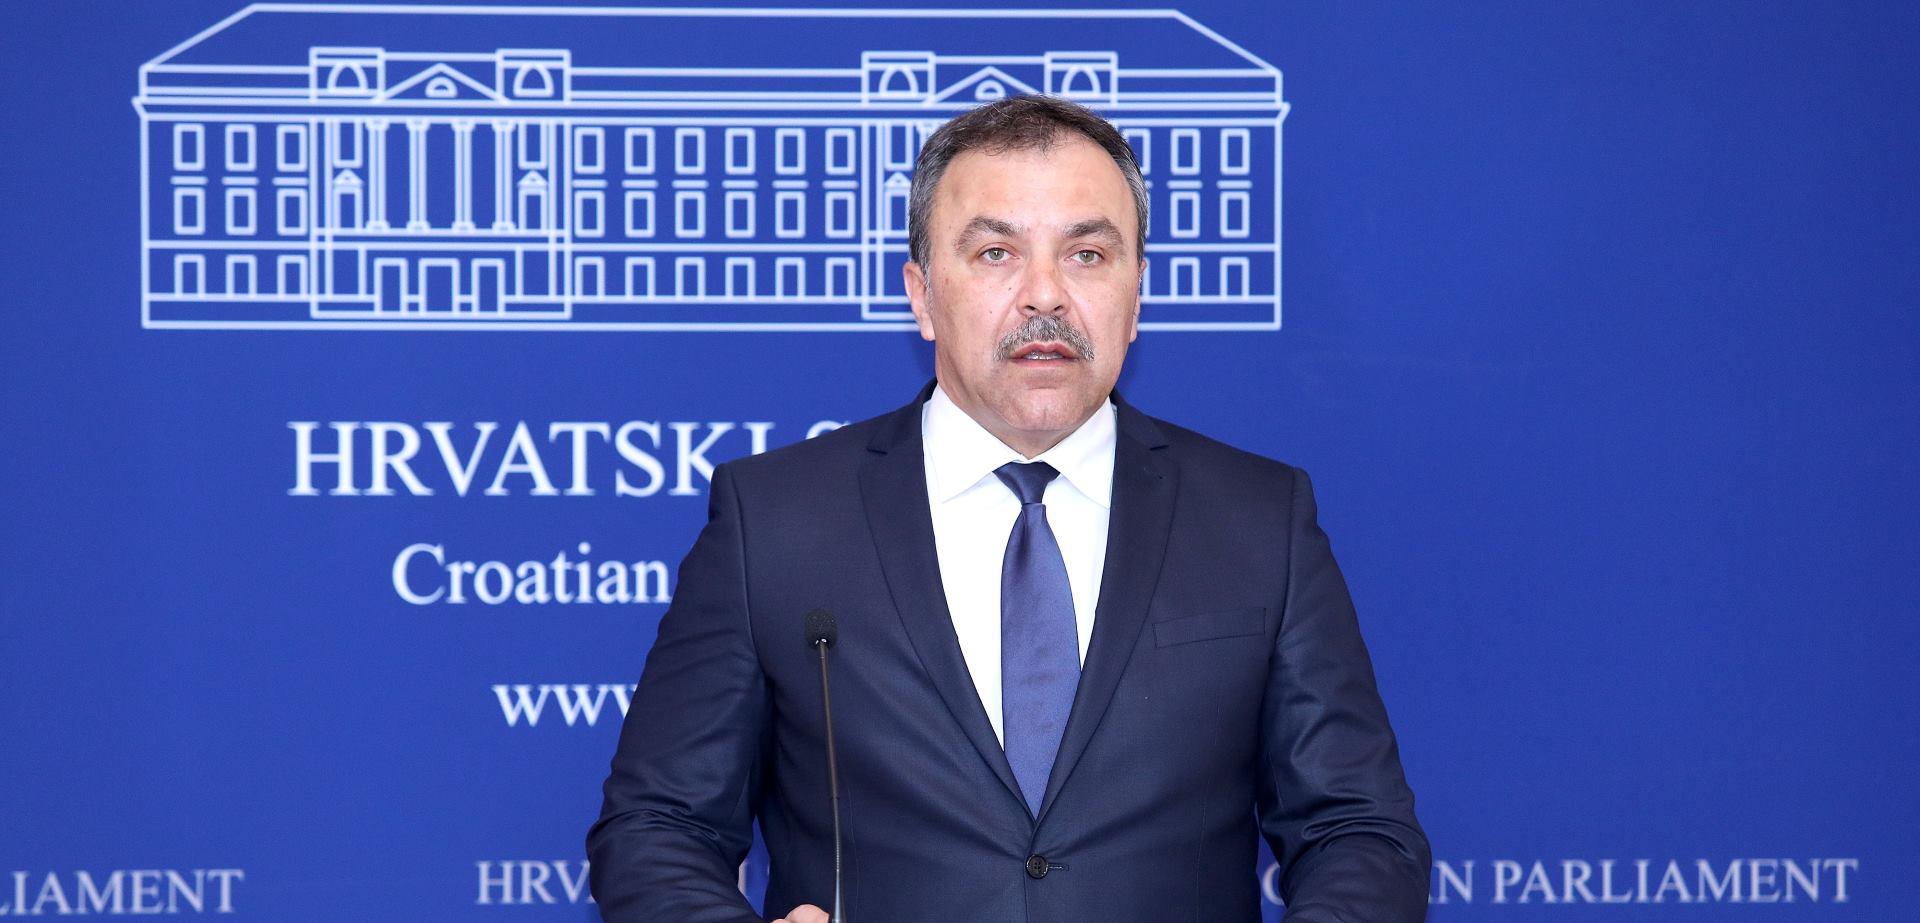 Zastupnik Vlaho Orepićponovo pozvao na evidenciju fiktivnih glasača i prebivališta